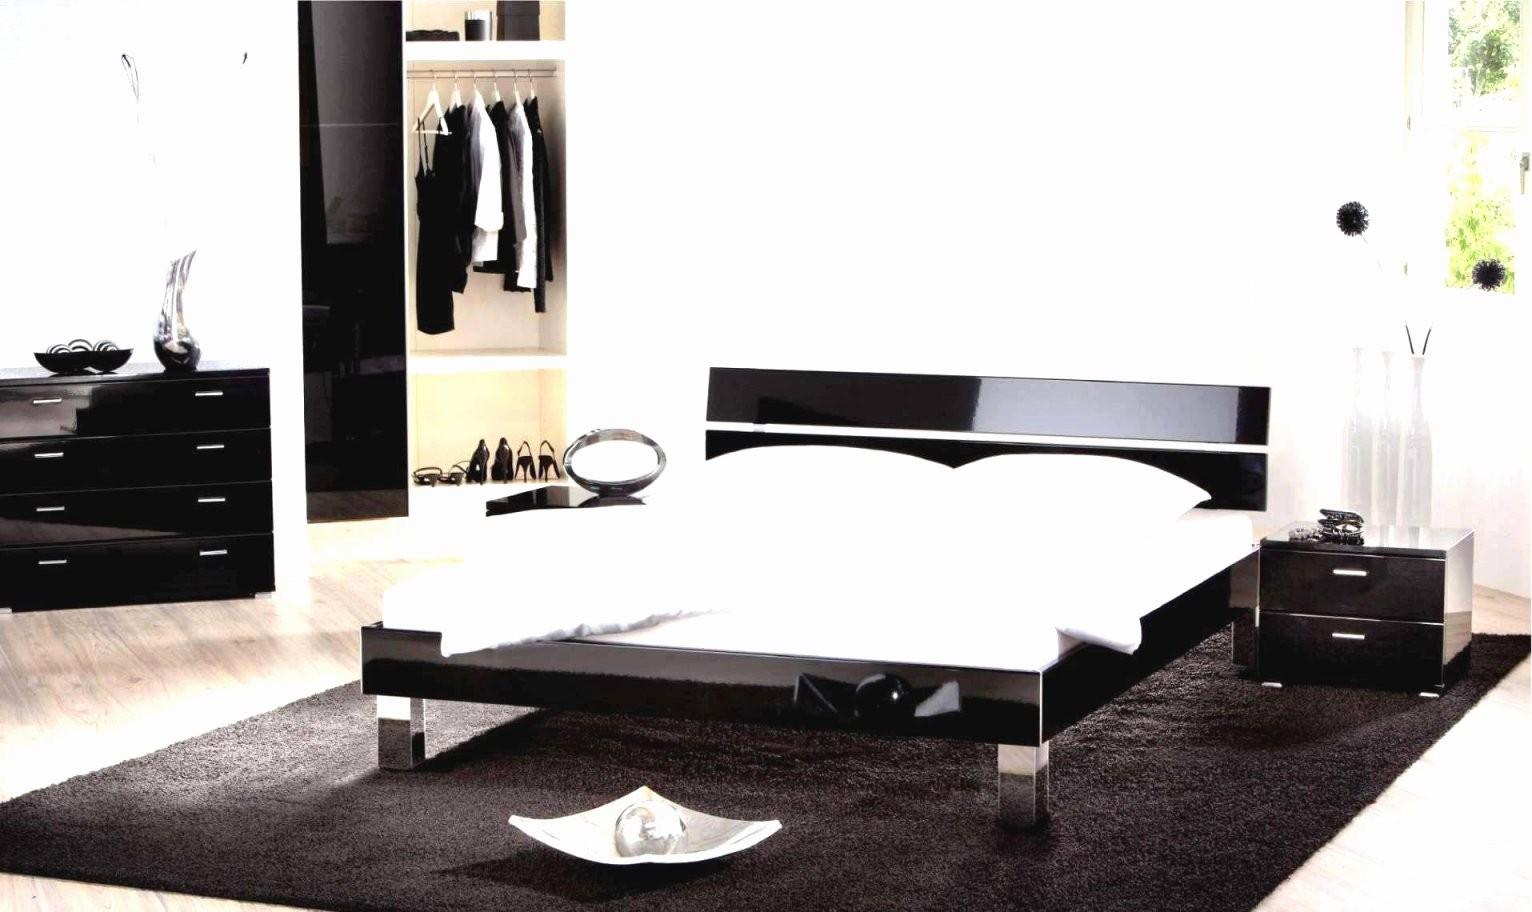 58 Bild Galerie Von Schlafzimmer Dachschräge Gestalten  Hauptideen von Schlafzimmer Mit Dachschräge Farblich Gestalten Photo